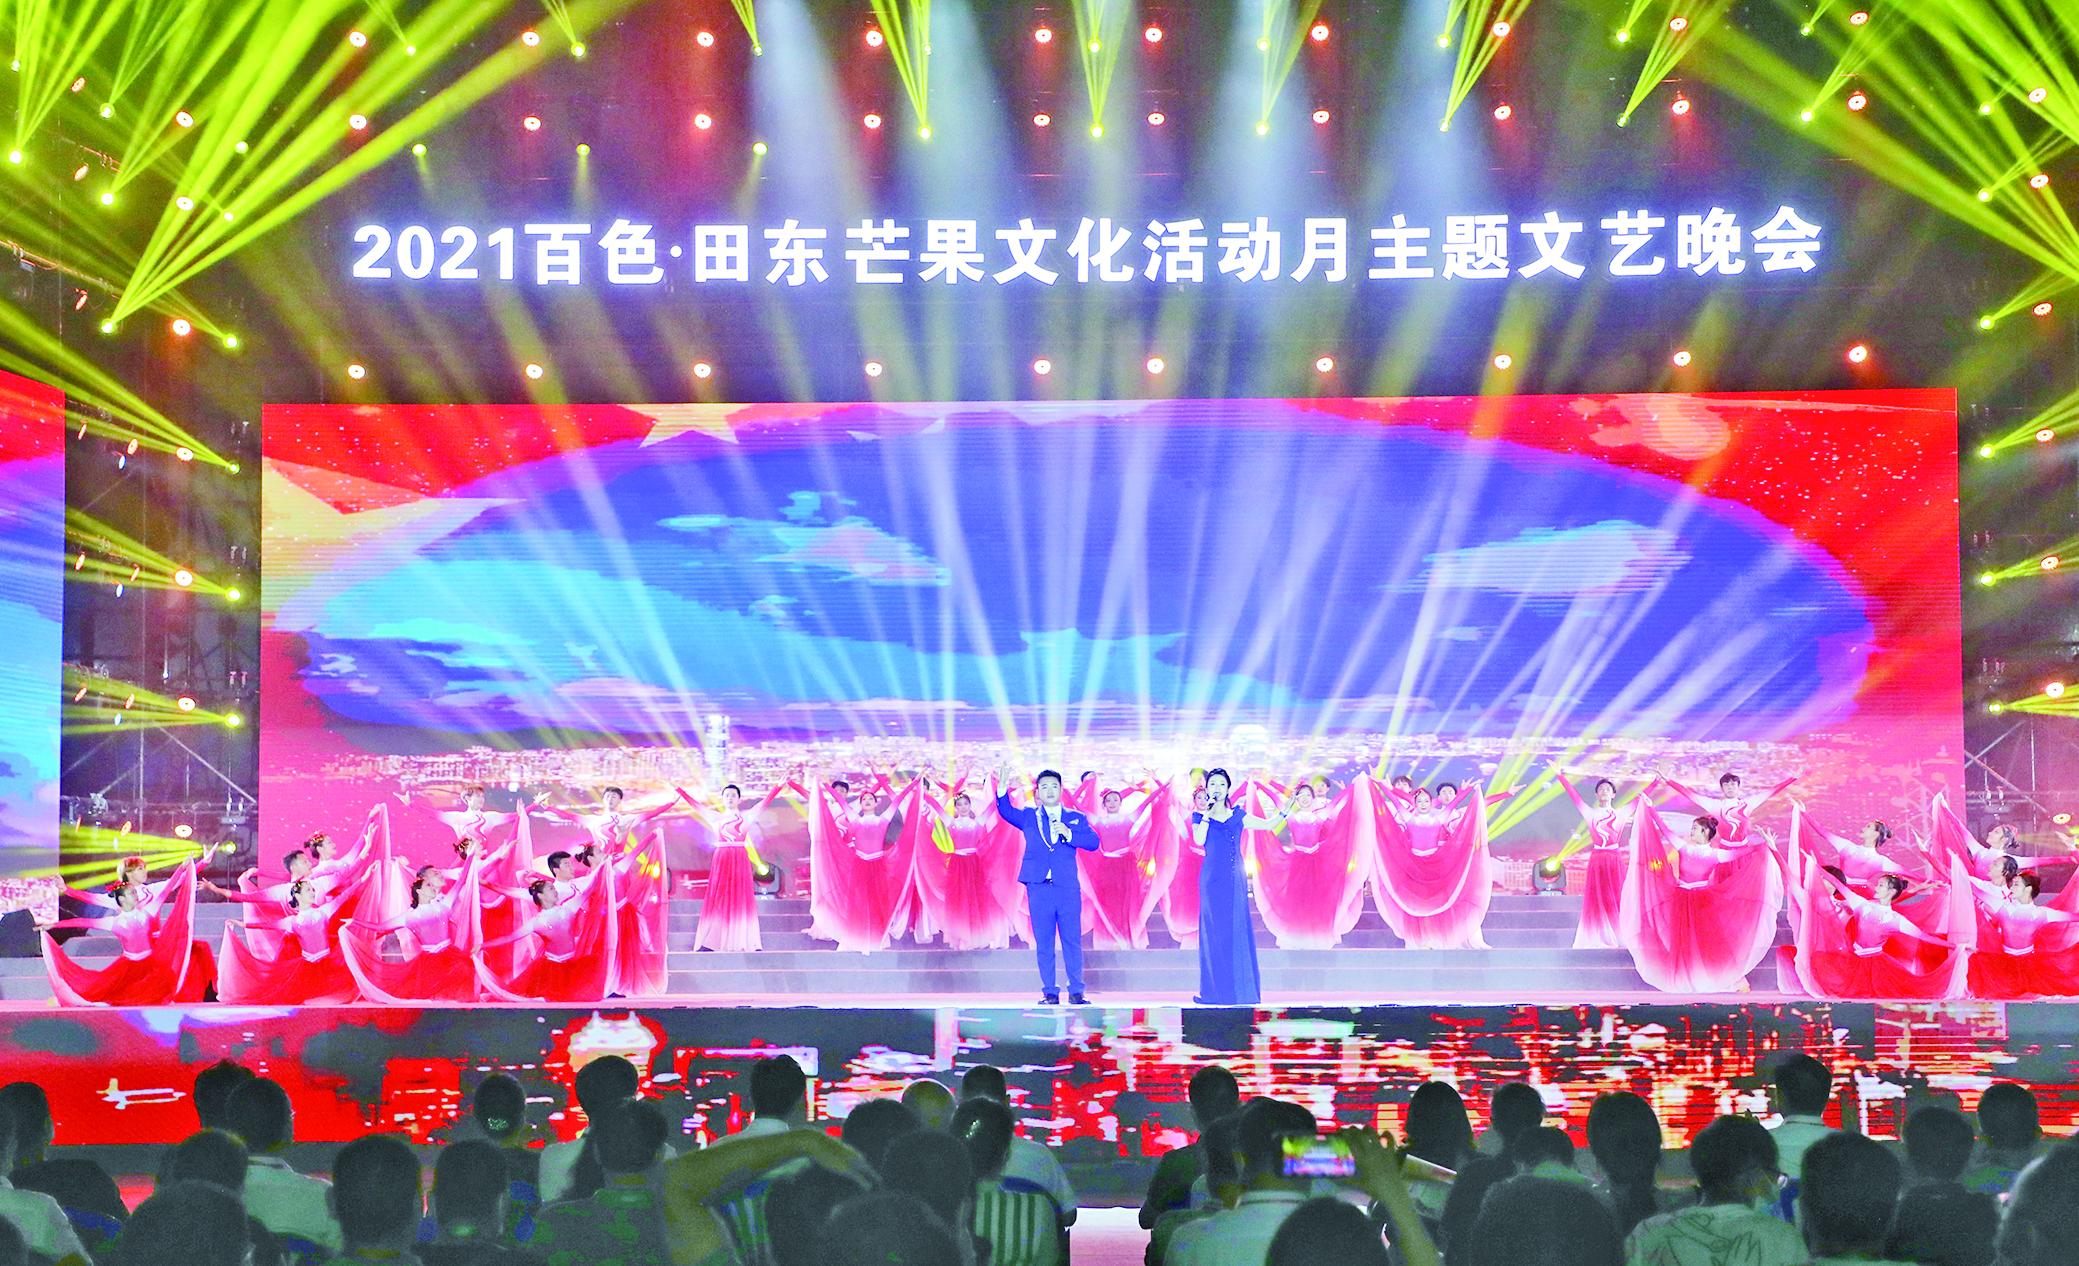 2021年百色·田东芒果文化活动月主题文艺晚会精彩上演